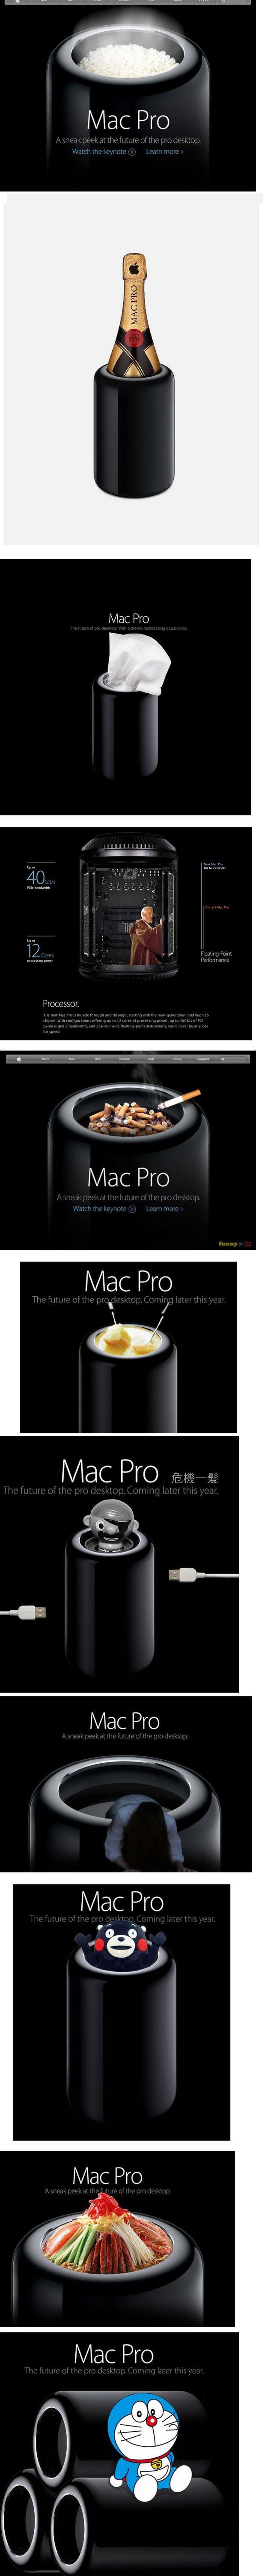 macpro3.jpg